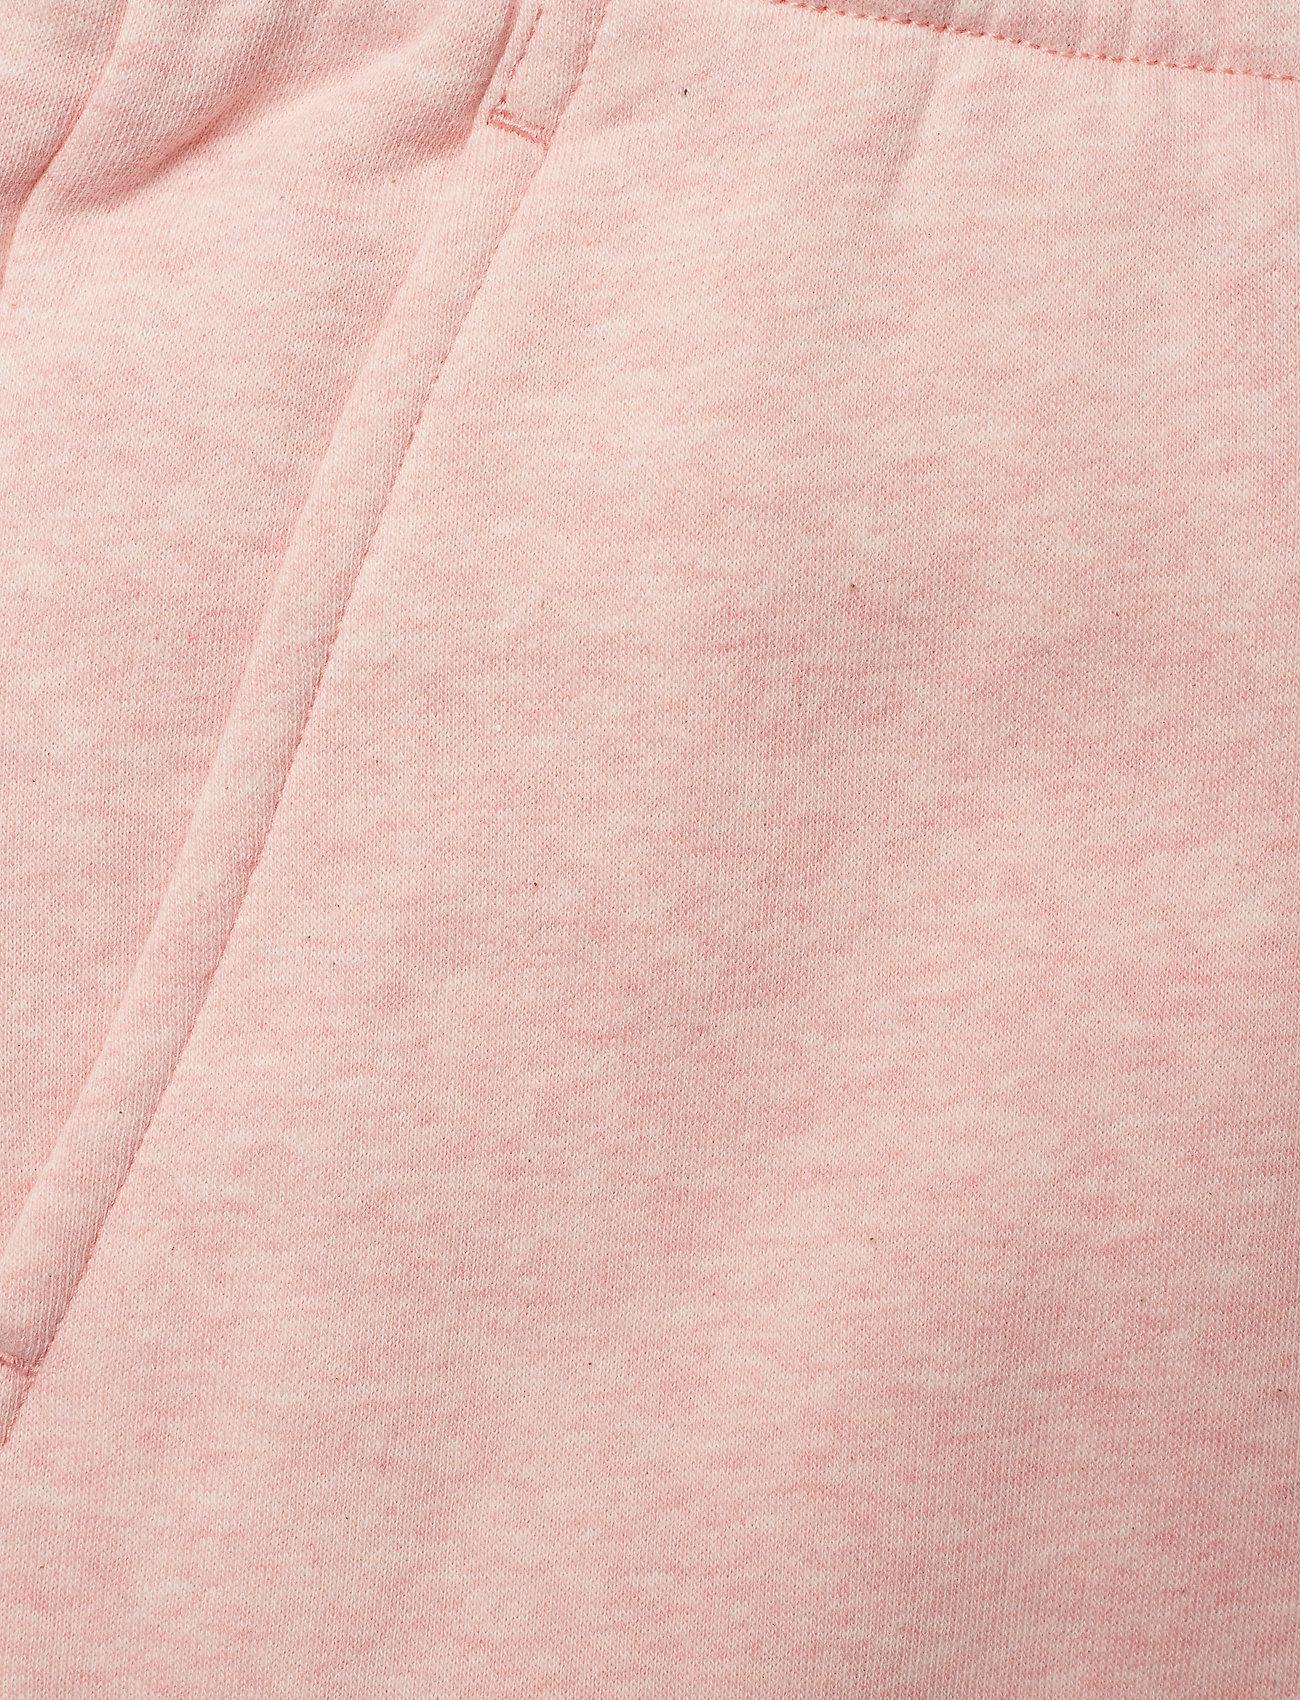 adidas Originals Coeeze PANT - Spodnie dresowe TRPNME - Kobiety Odzież.